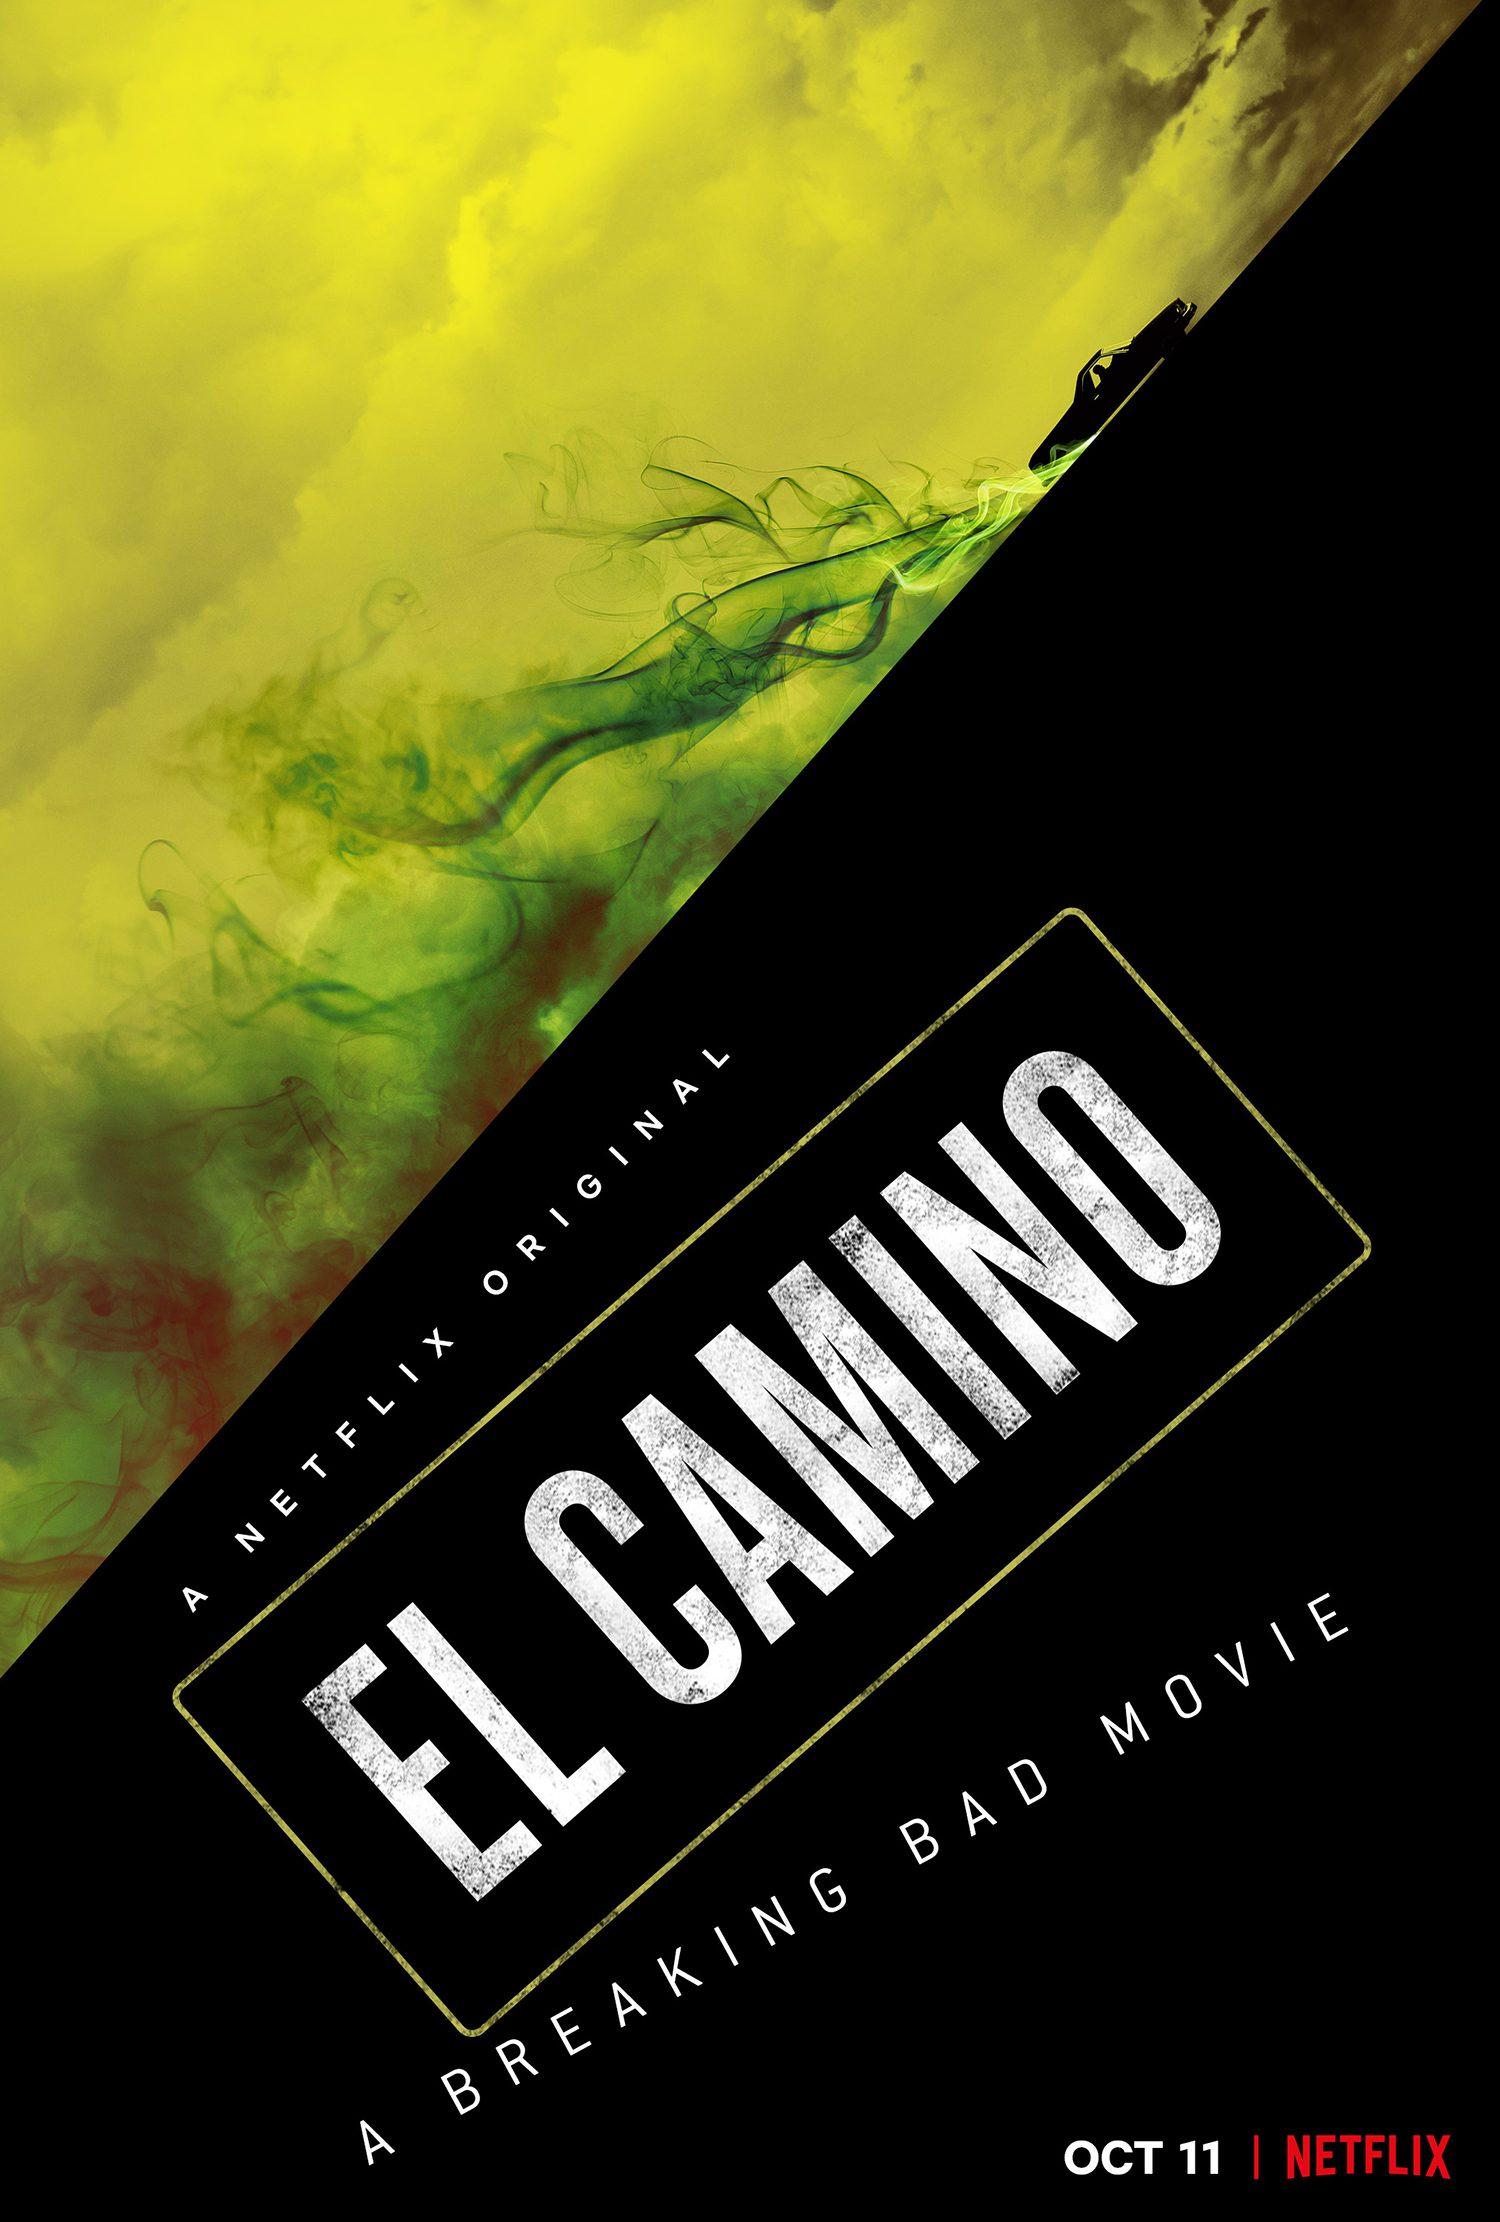 breaking bad movie el camino netflix release time, cast 1986 El Camino